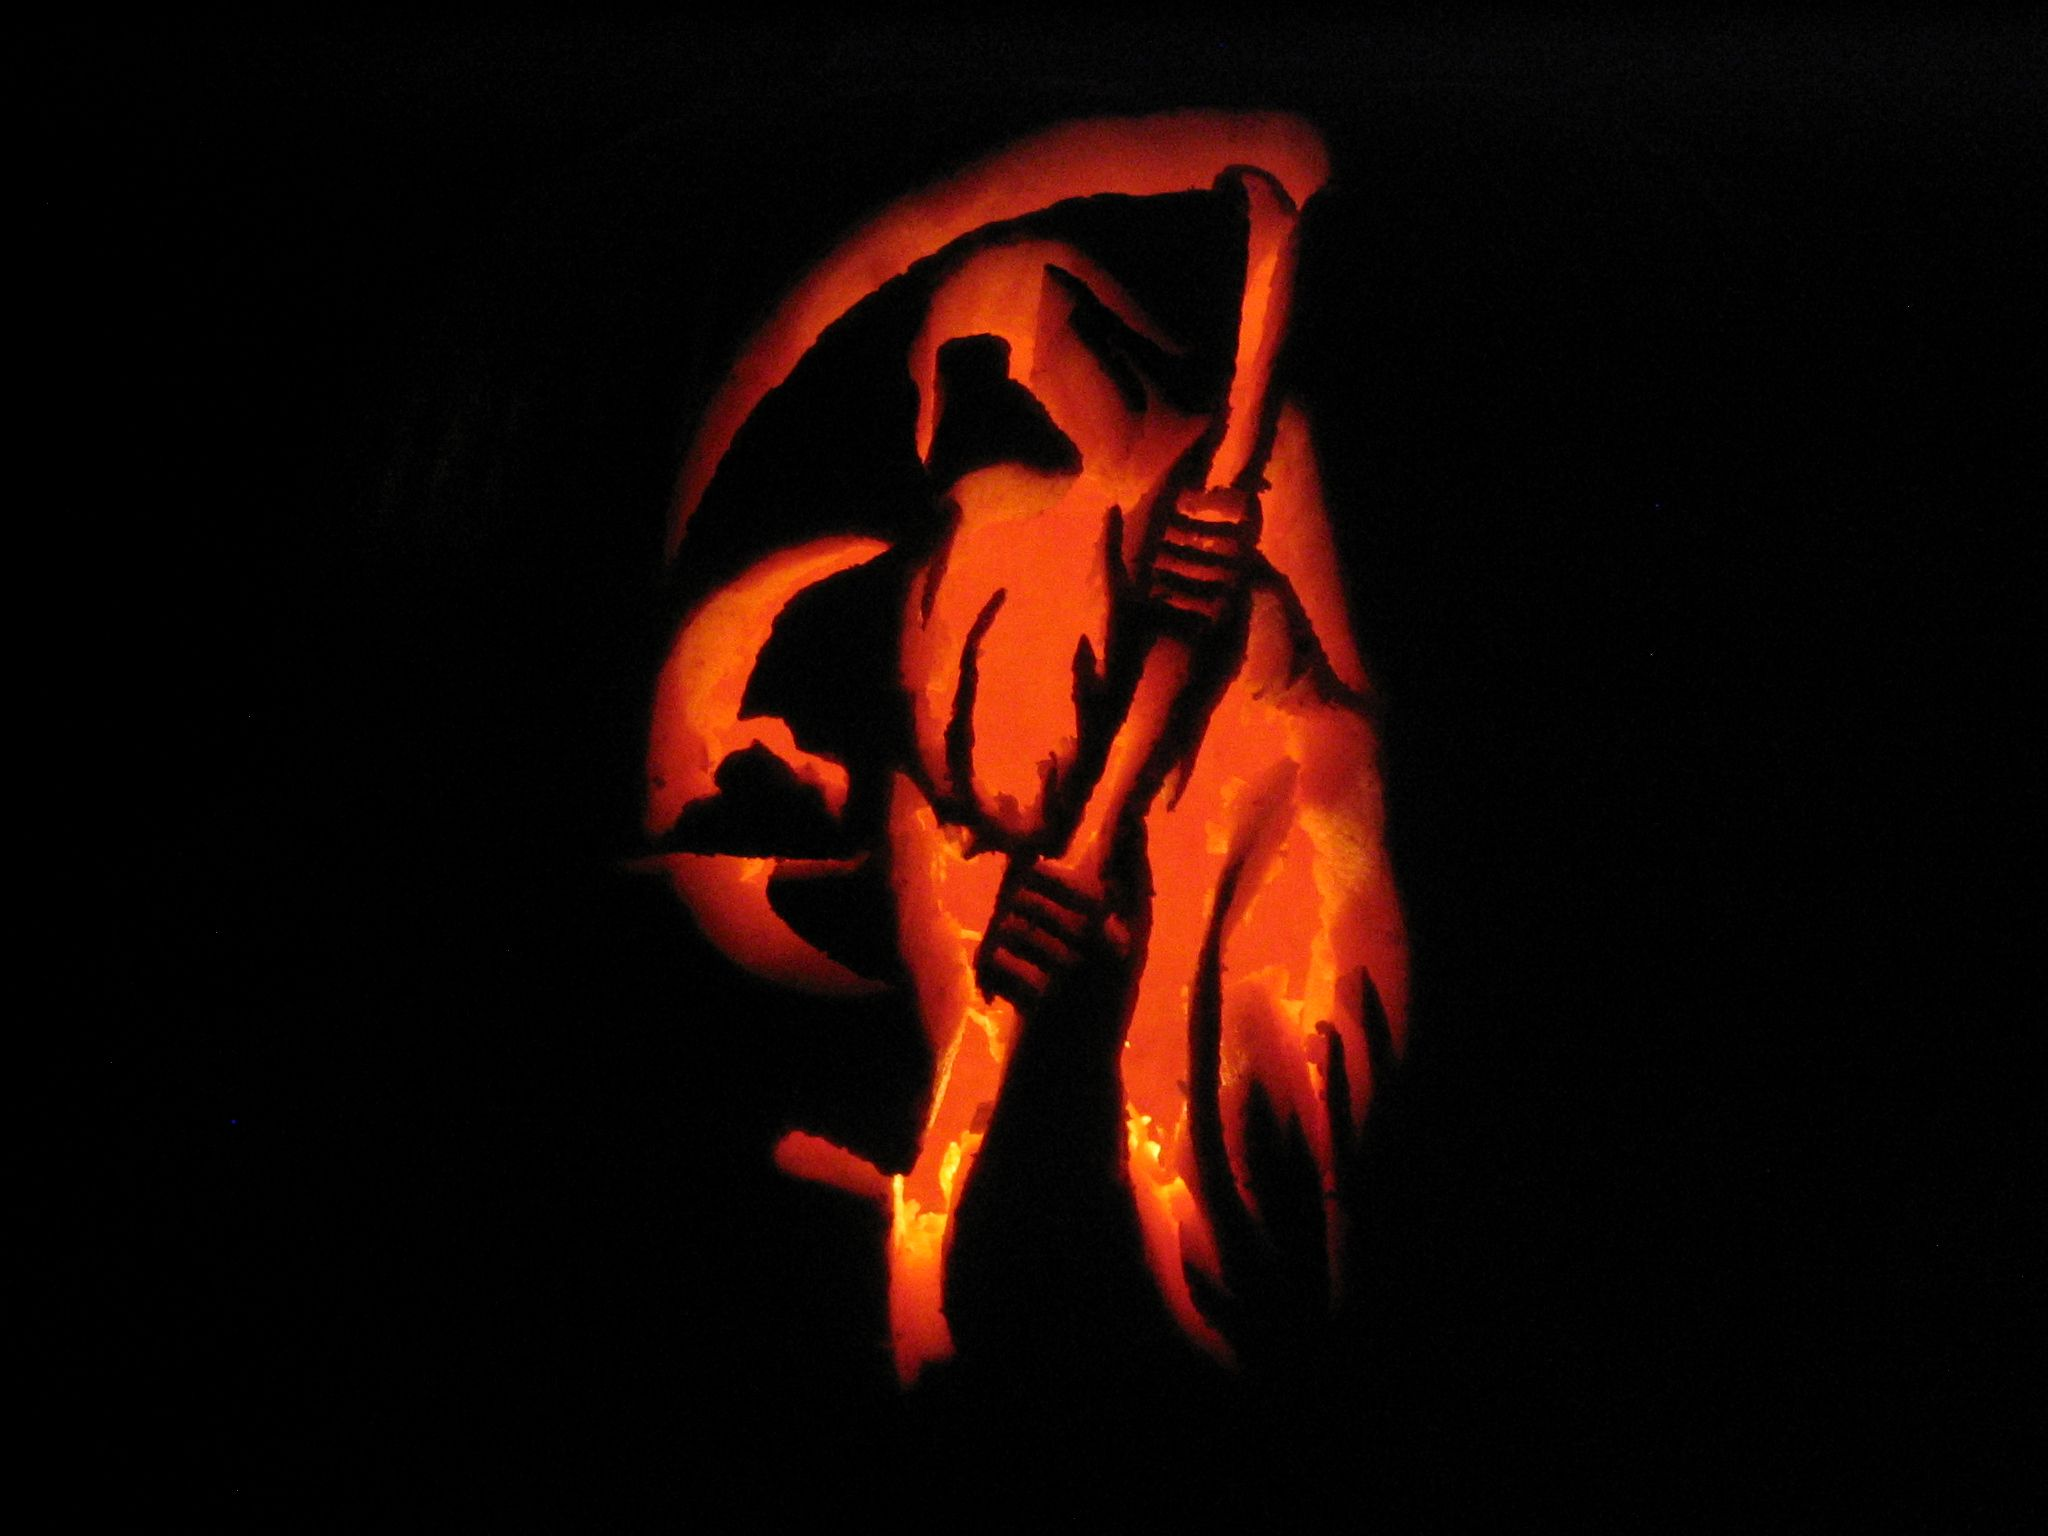 Grim reaper spooky halloween pumpkins